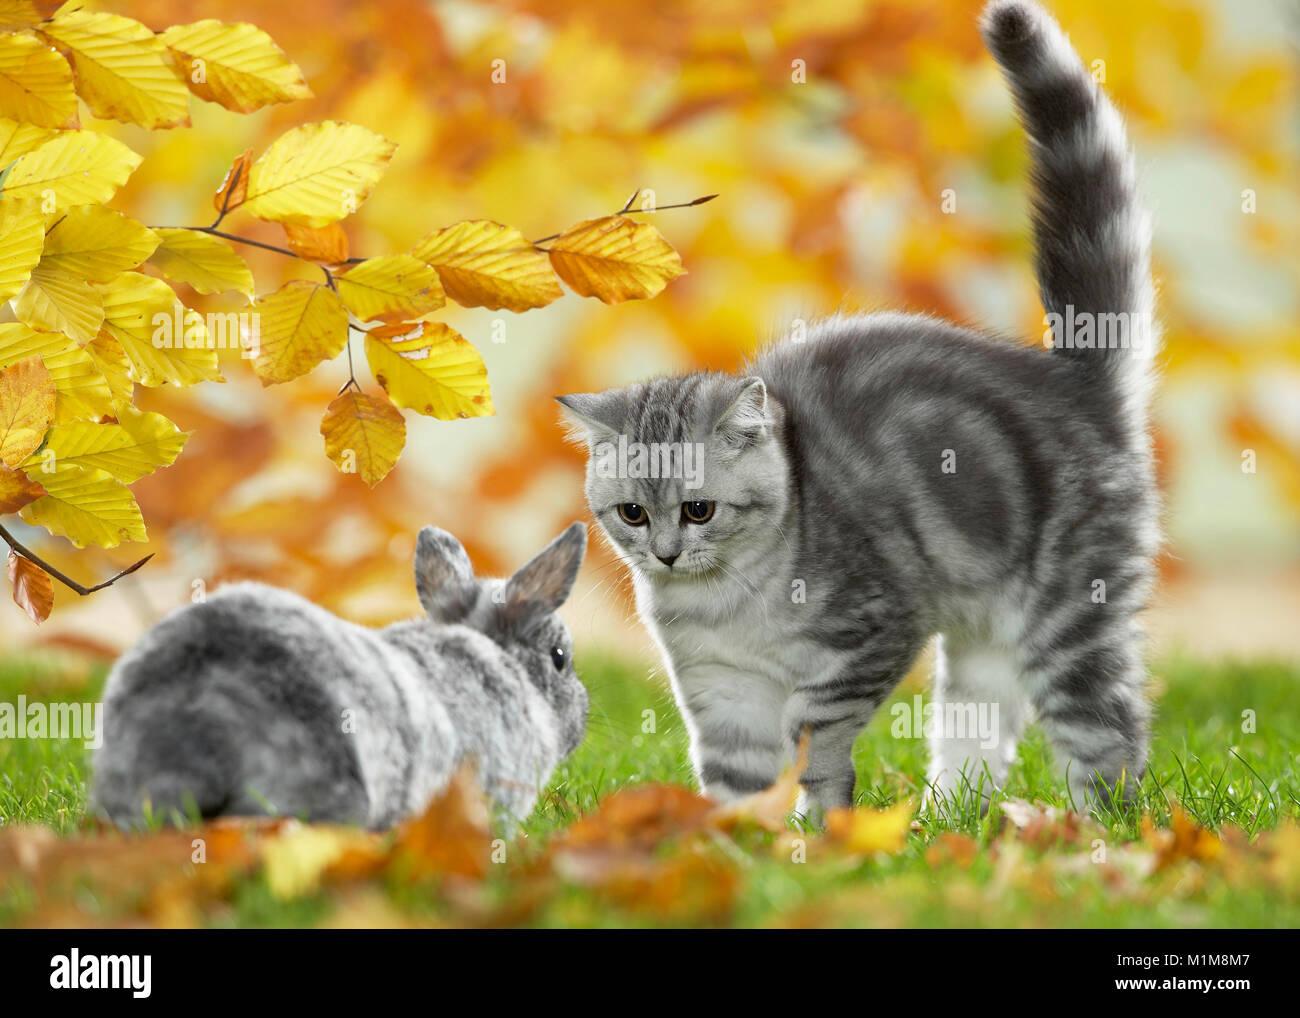 British Shorthair Gato y conejo enano. Atigrado gatito y bunny reunión en un jardín en otoño, Alemania Imagen De Stock